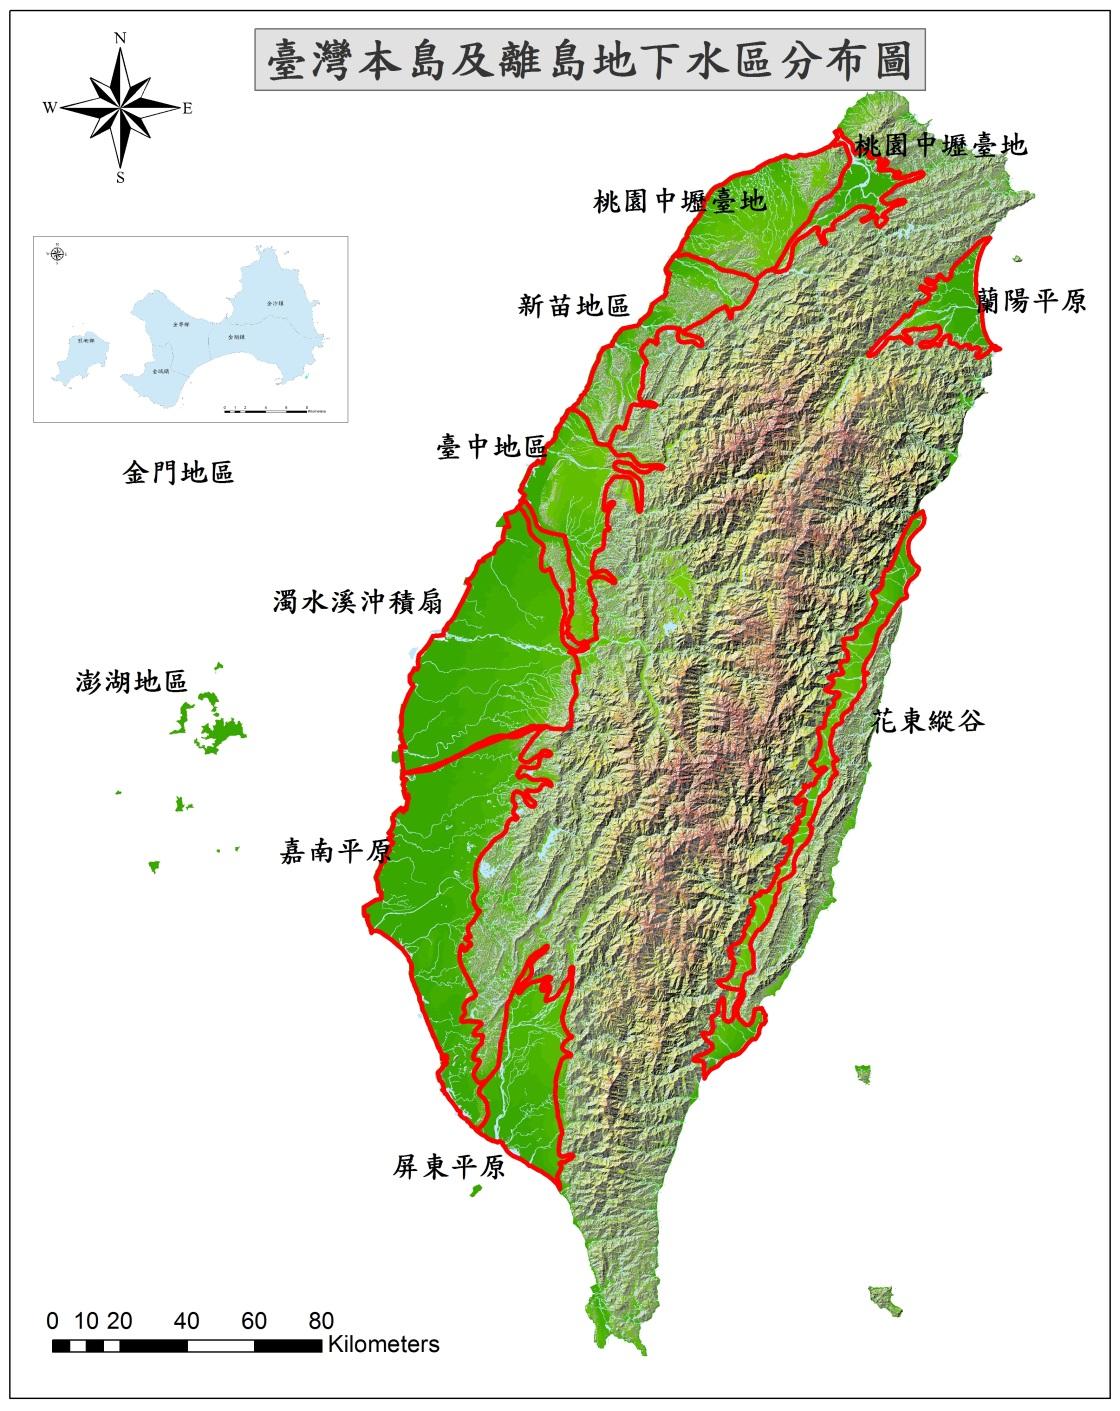 臺灣本島及離島地下水區分布圖_圖示